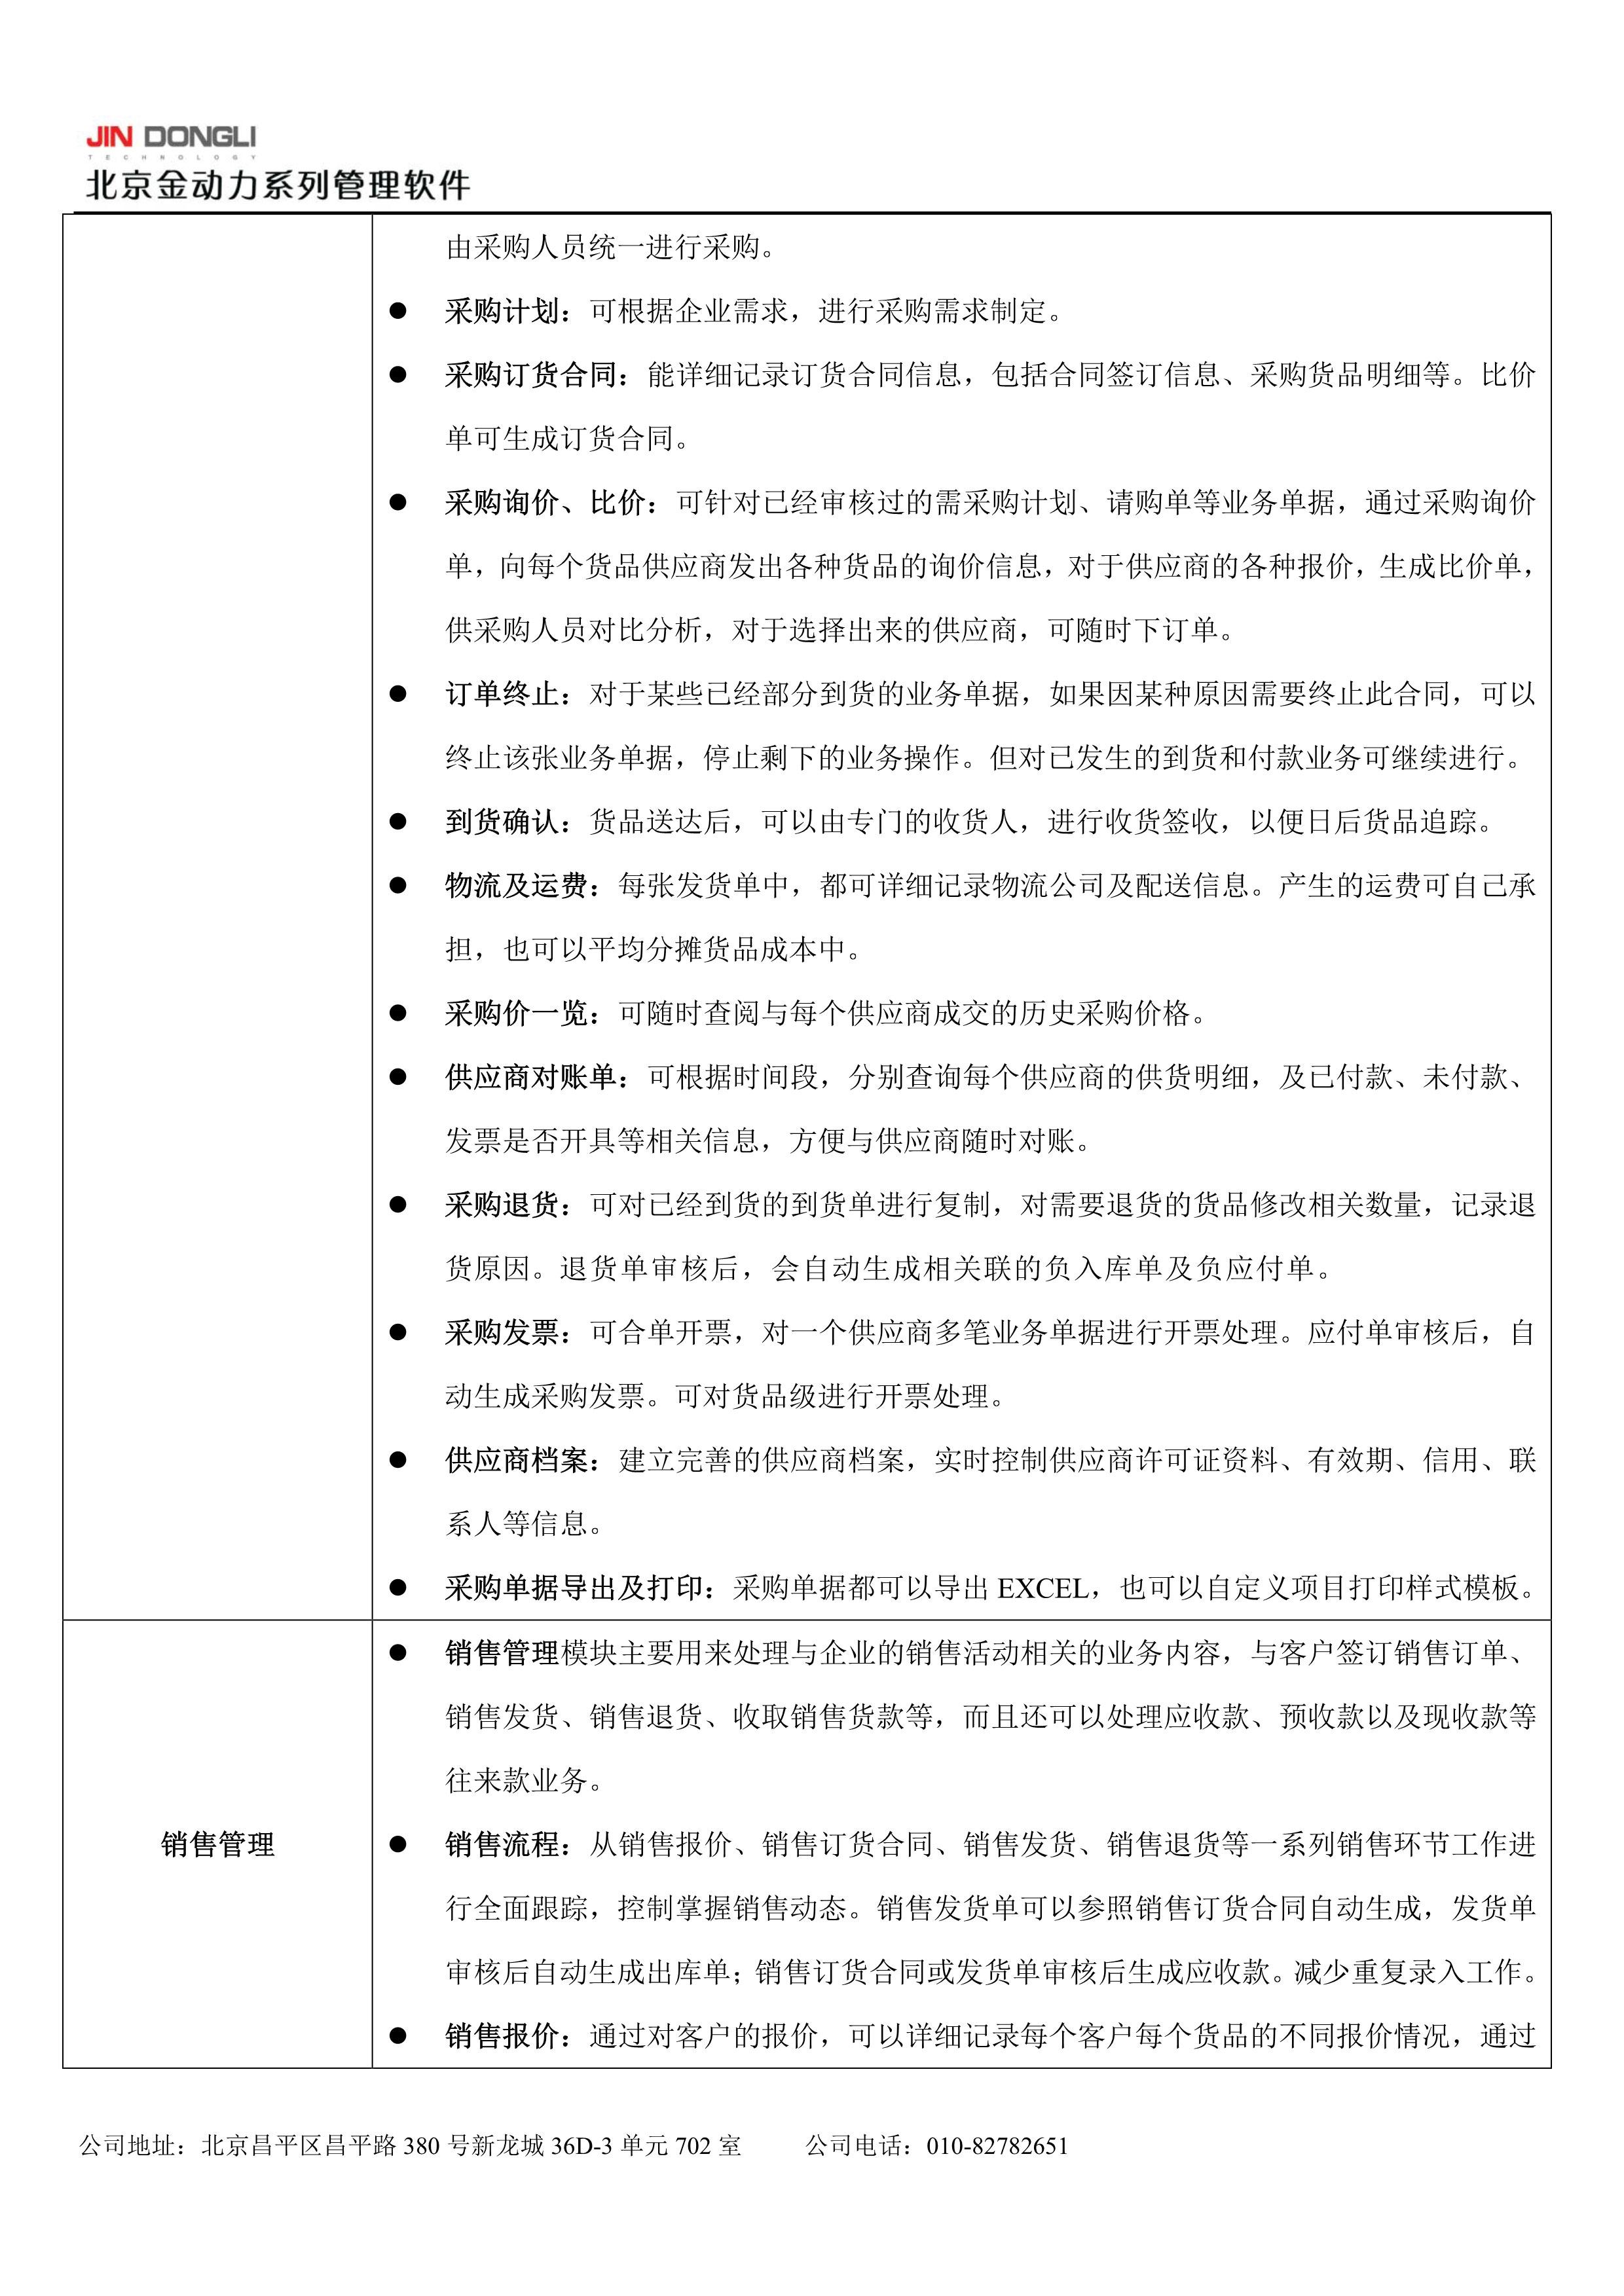 012508384306_0金动力医疗器械ERP管理软件产品介绍高级版_4.jpg